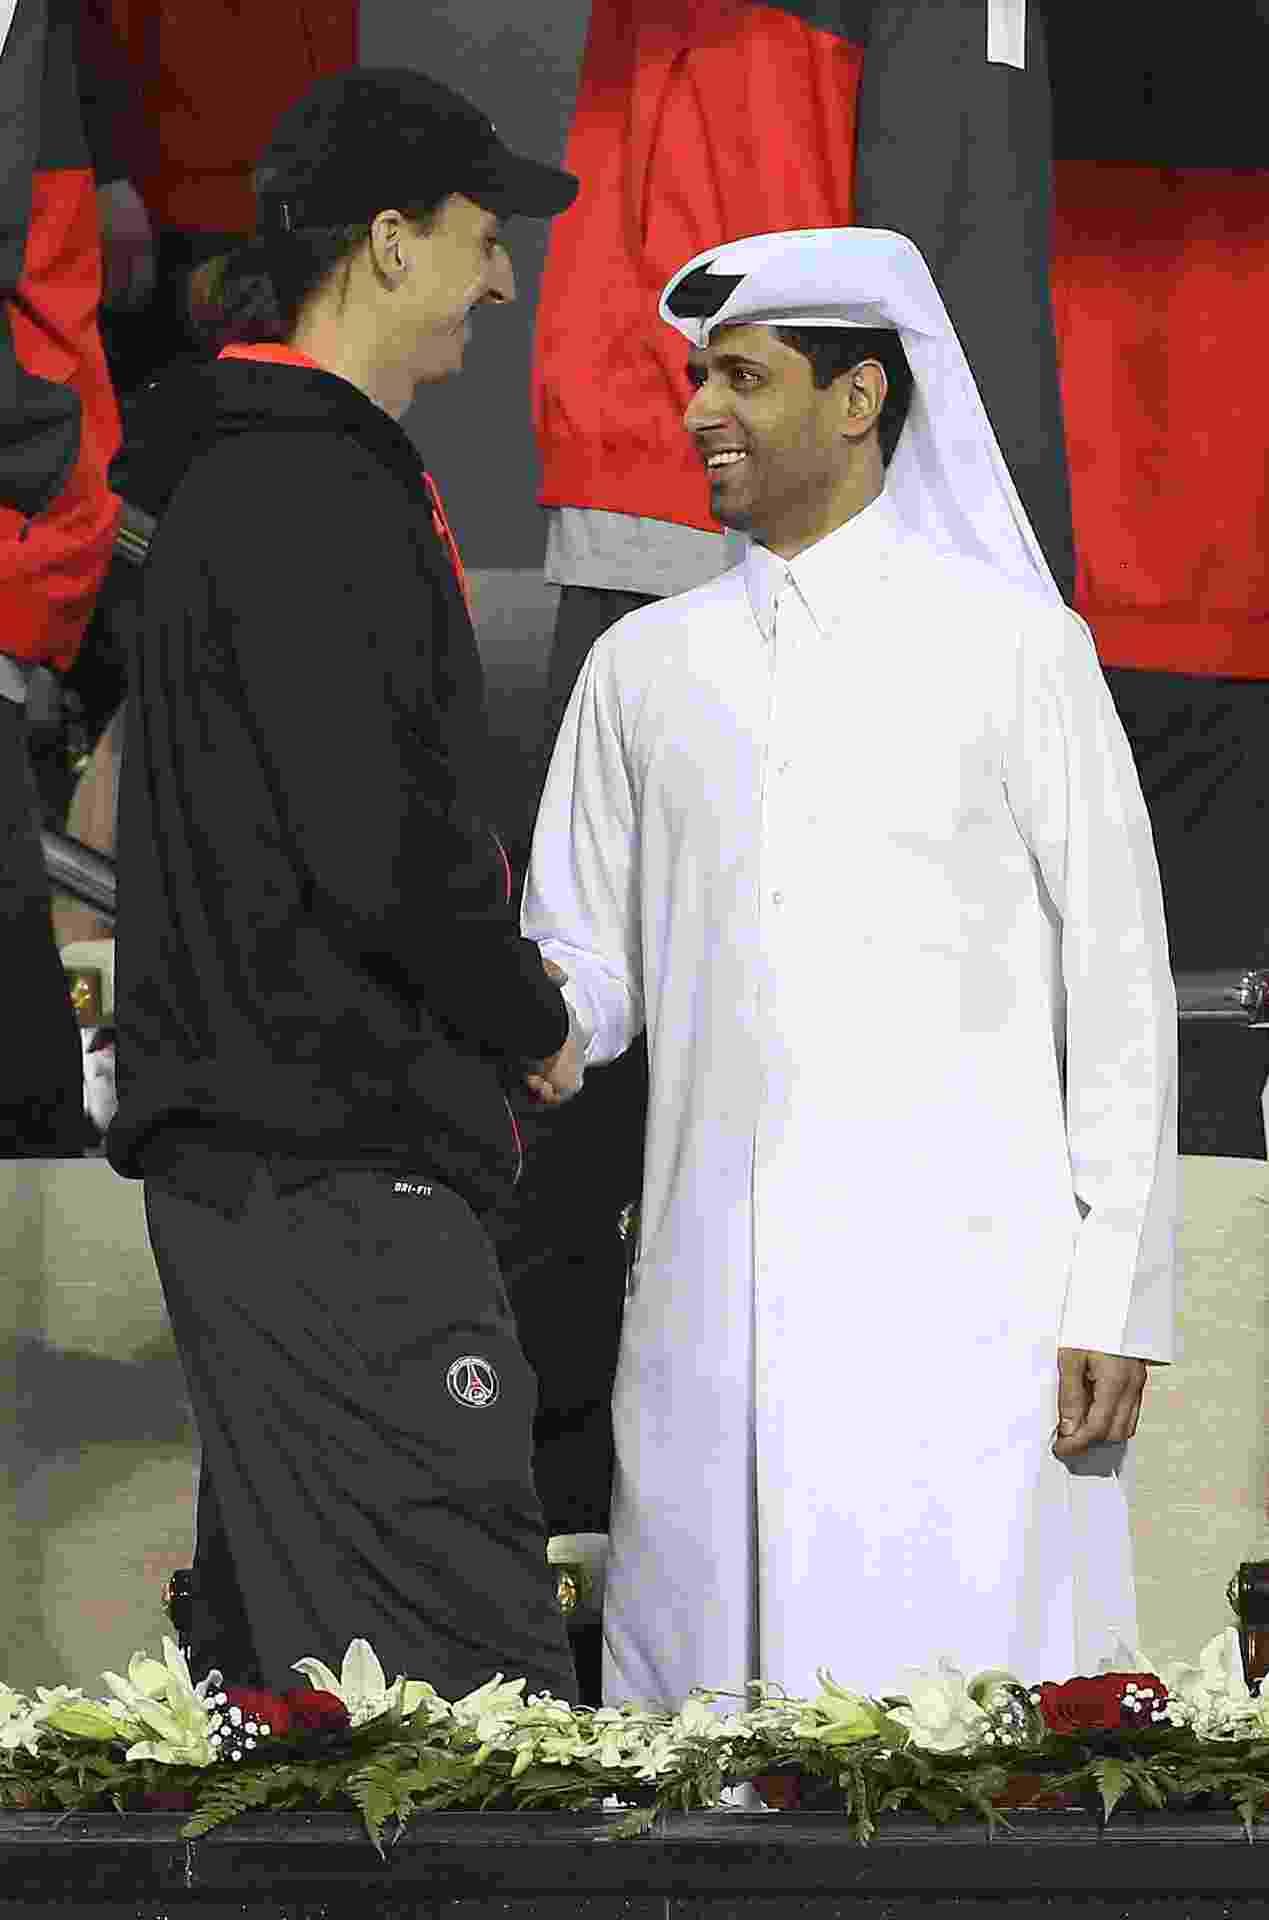 Zlatan Ibrahimovic e Nasser Al-Khelaifi, presidente do PSG, durante o Qatar Open de tênis em 2013 - undefined